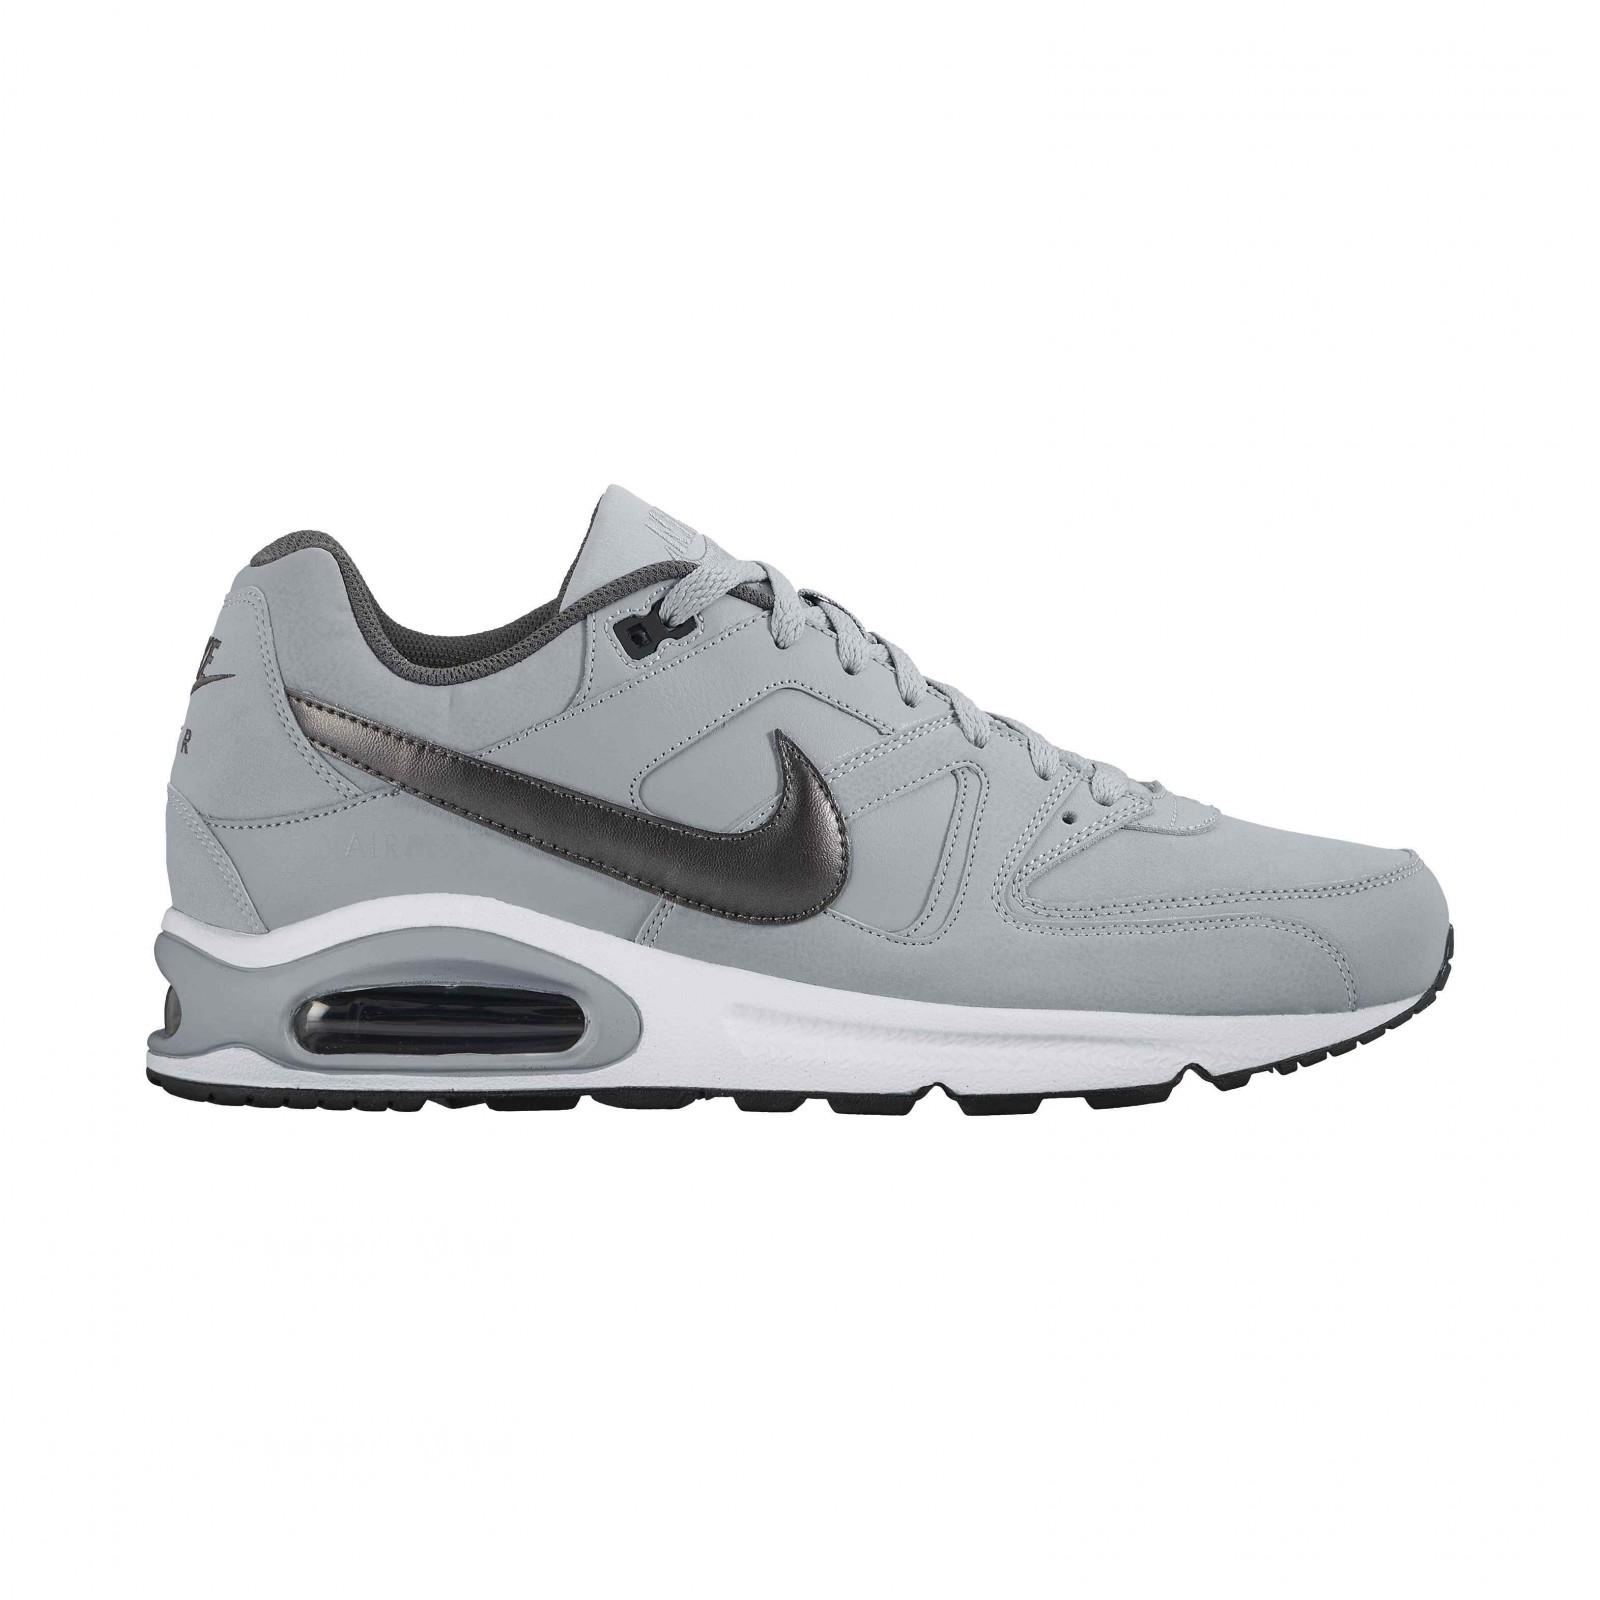 Pánské Tenisky Nike AIR MAX COMMAND LEATHER  152e50143b